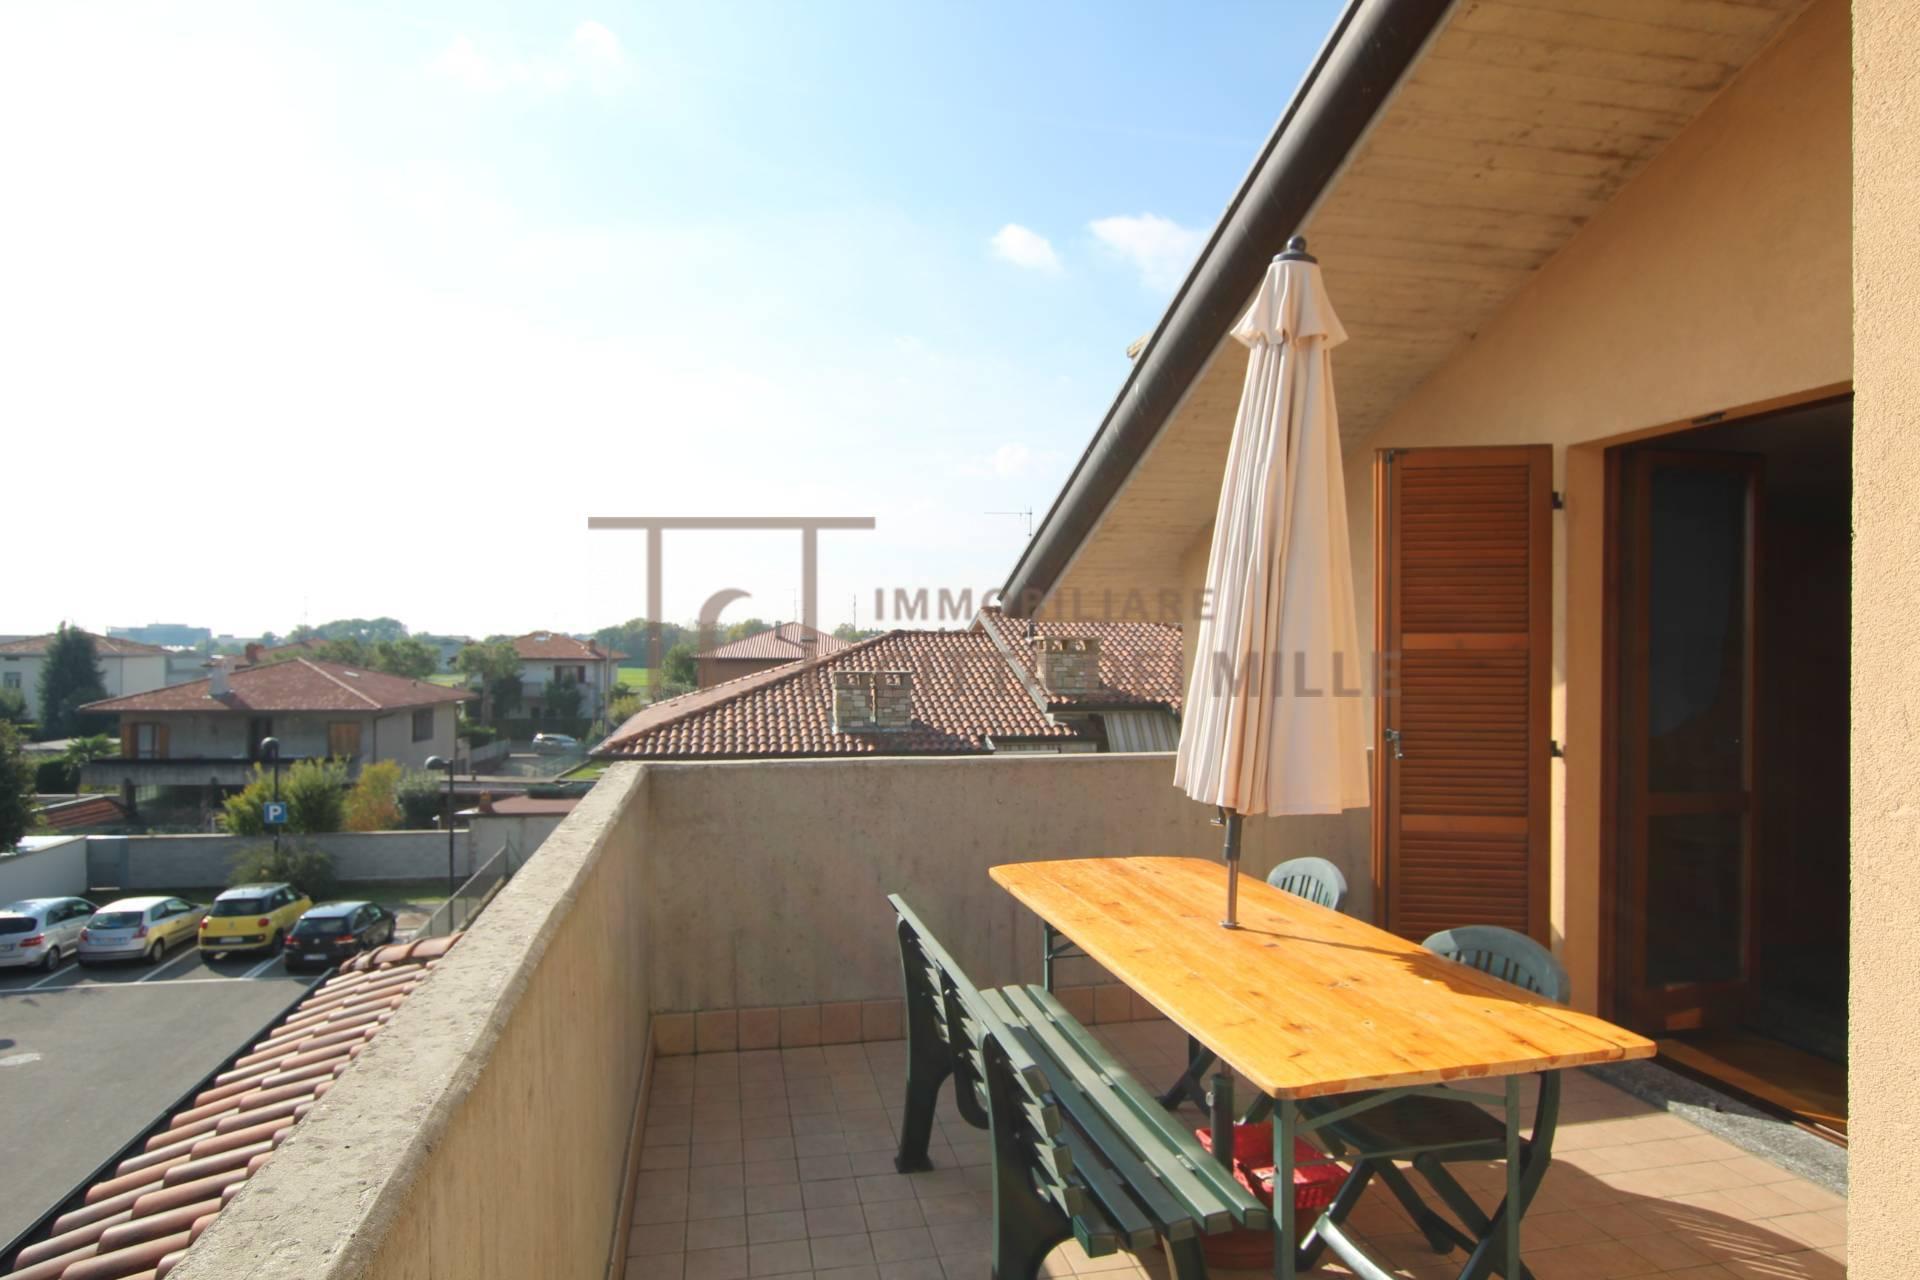 Appartamento in vendita a Grassobbio, 4 locali, prezzo € 260.000   PortaleAgenzieImmobiliari.it